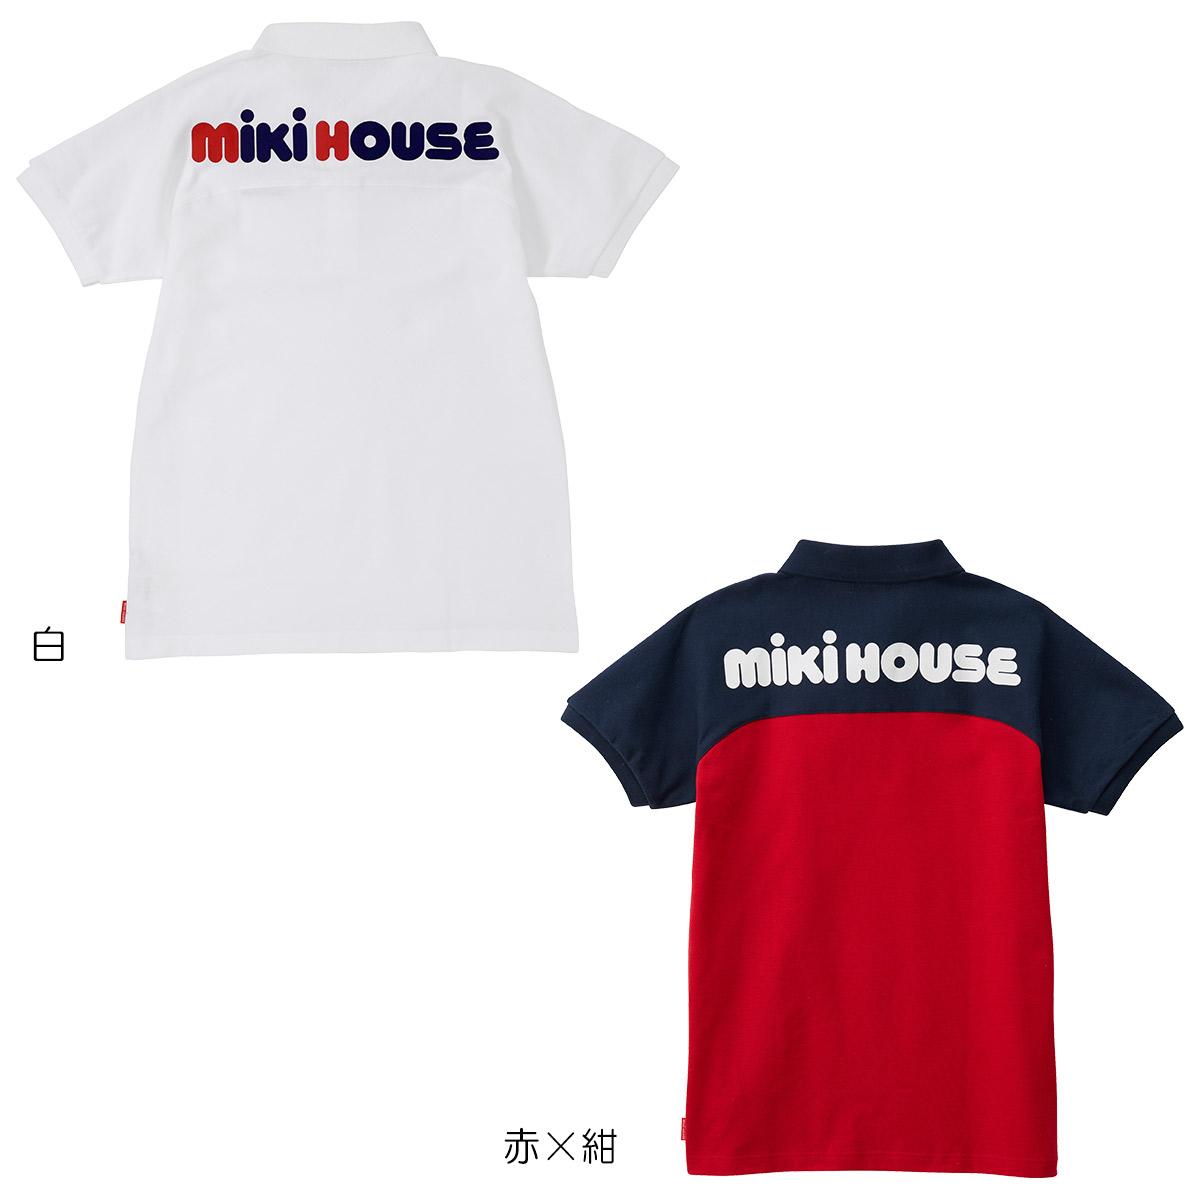 【ミキハウス】ポロシャツ(大人用)12000【3,980円以上で送料無料(国内)】